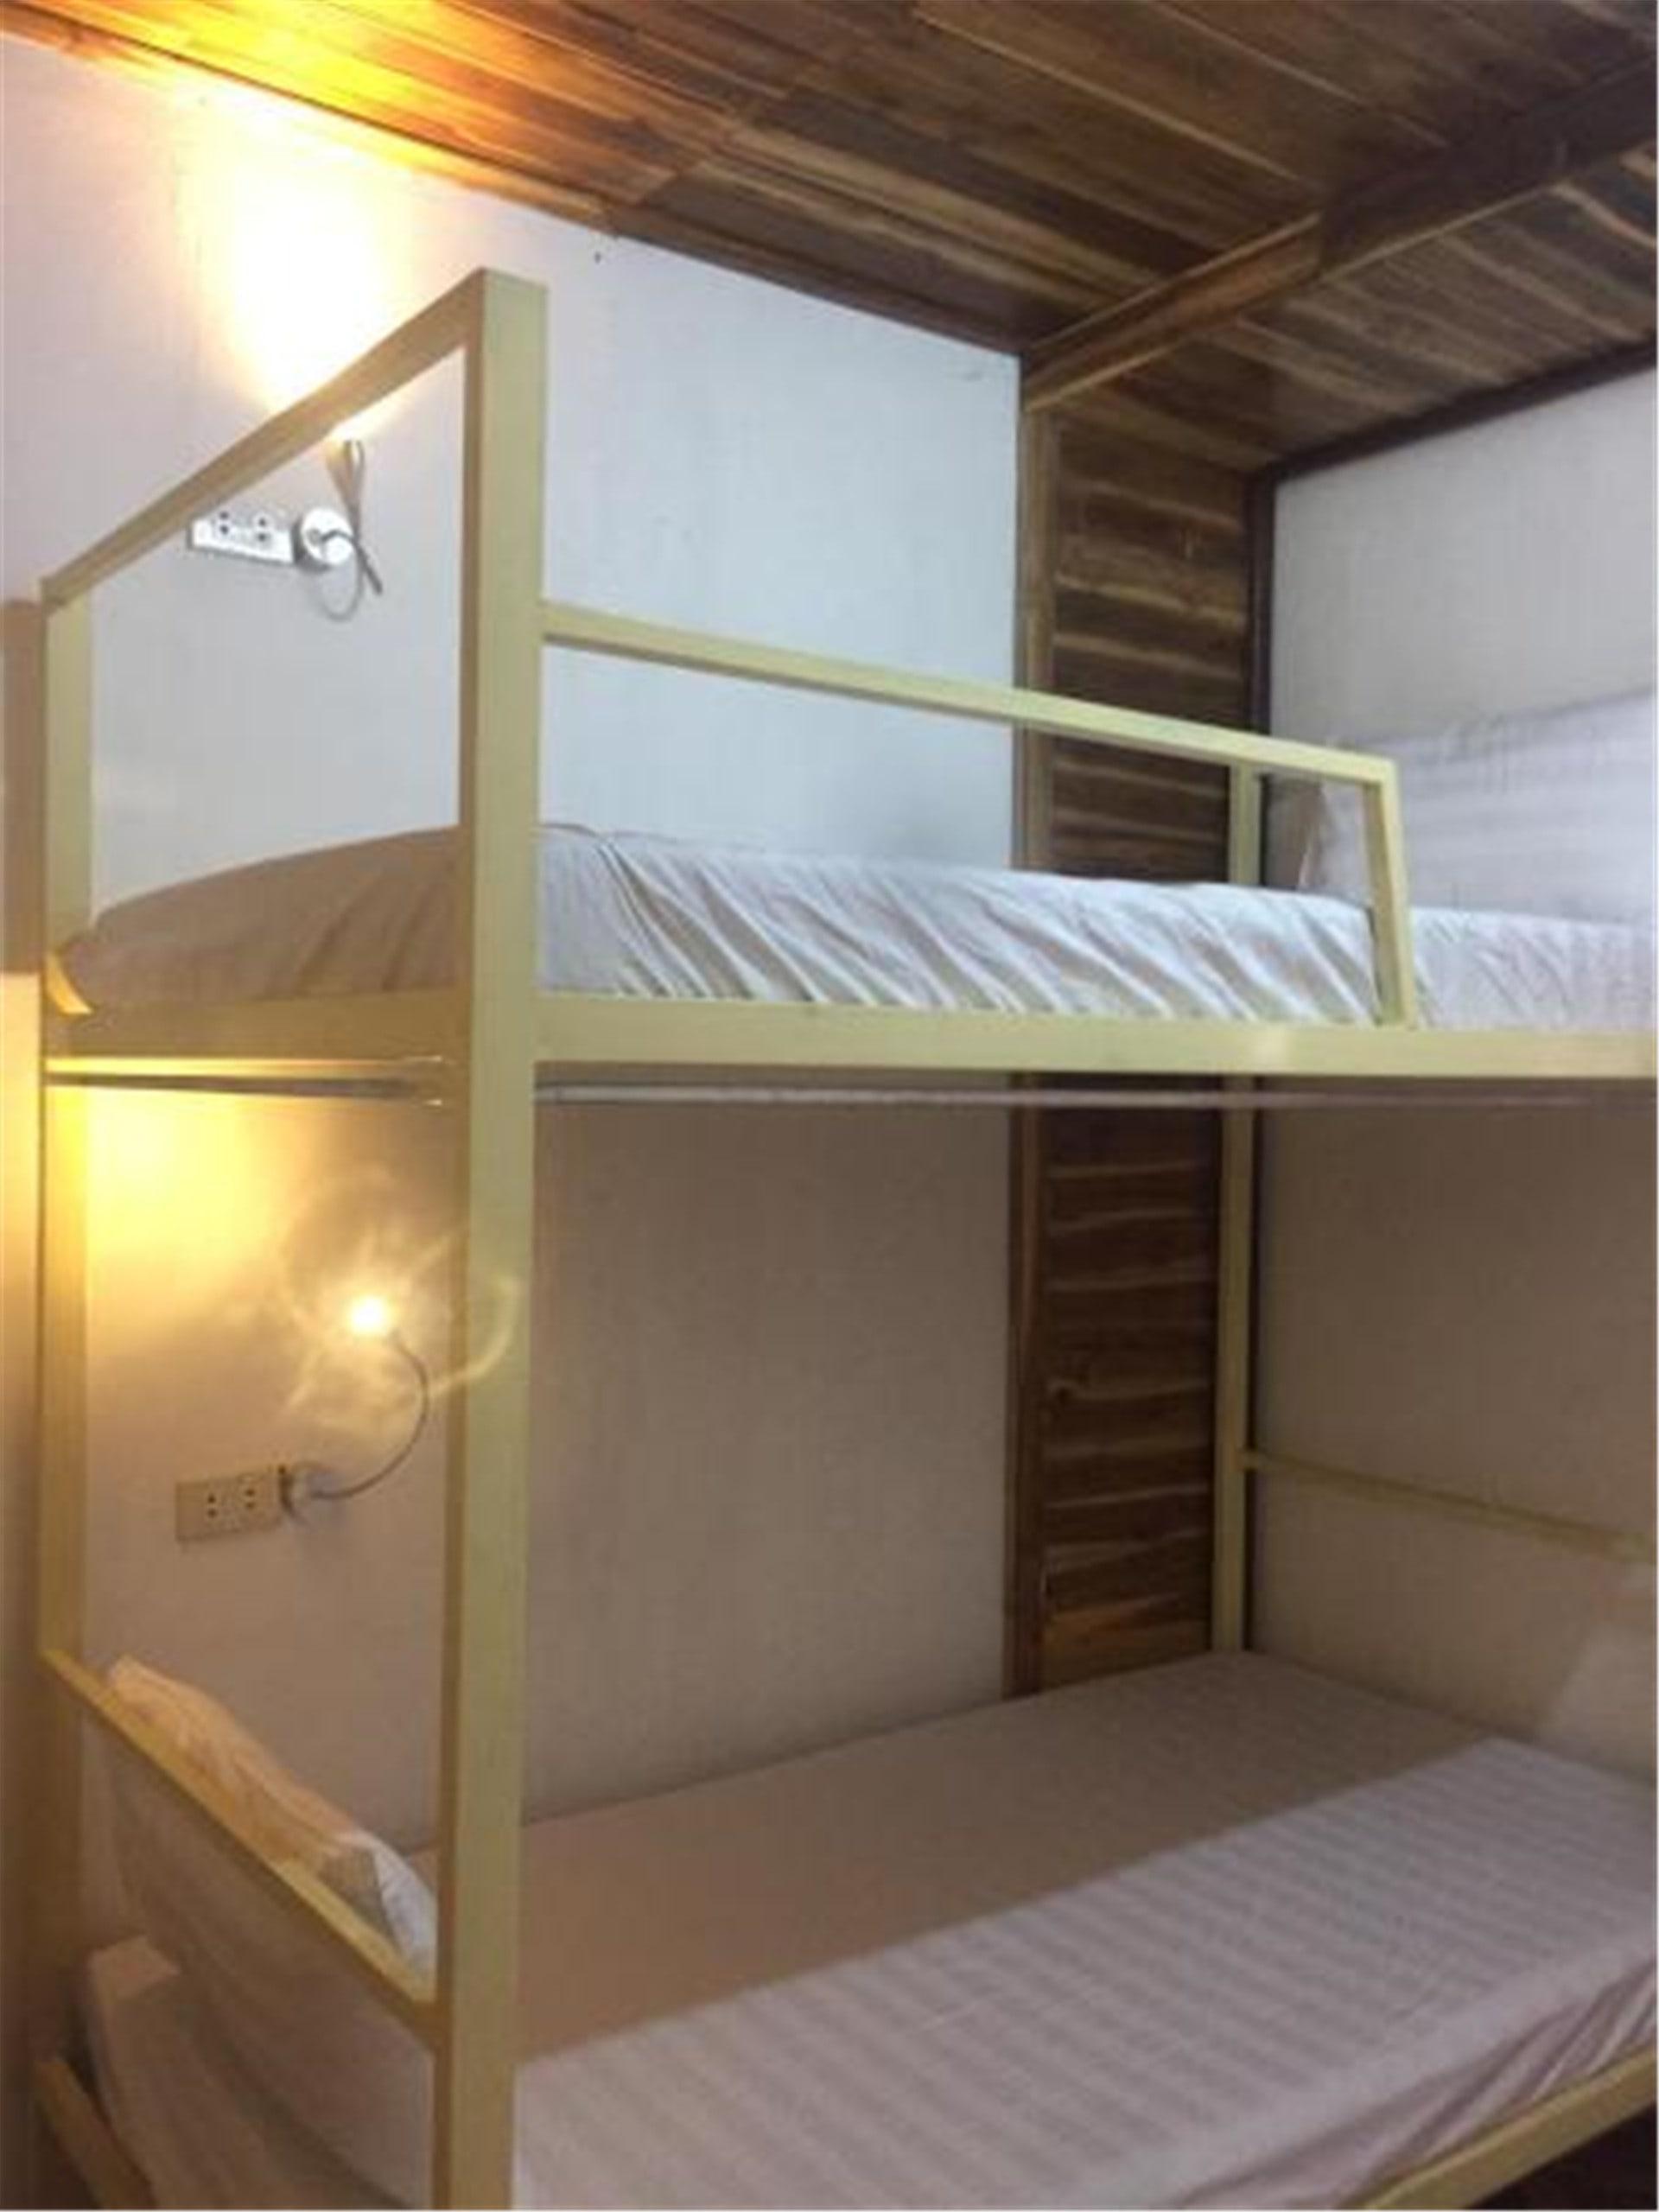 HOSTEL - Friendly Backpackers Hostel